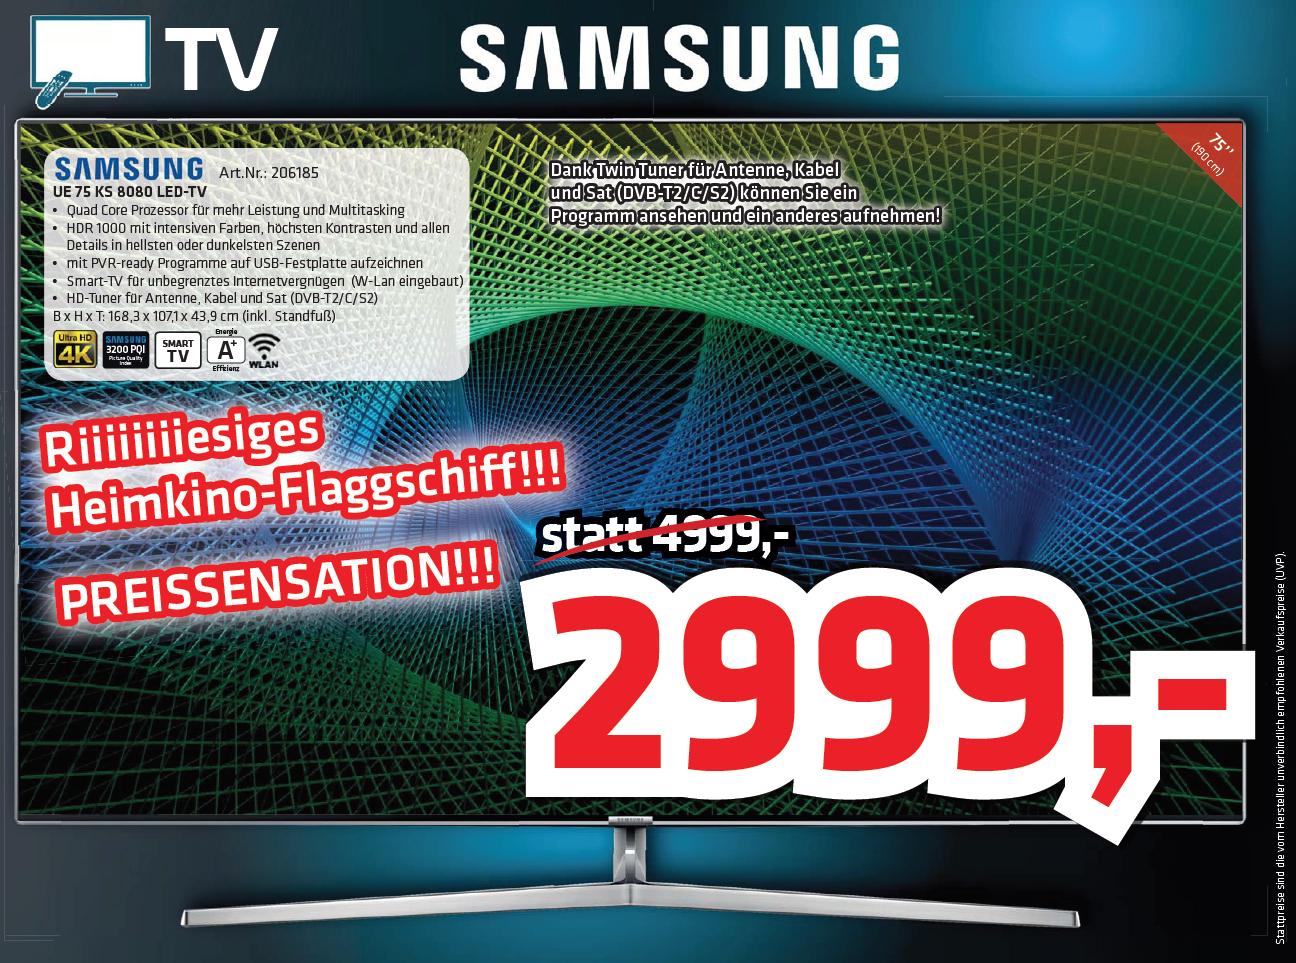 """[Elektro HAAS] SAMSUNG LED 75""""  ->  Super Deal -22% nur € 2999.-"""